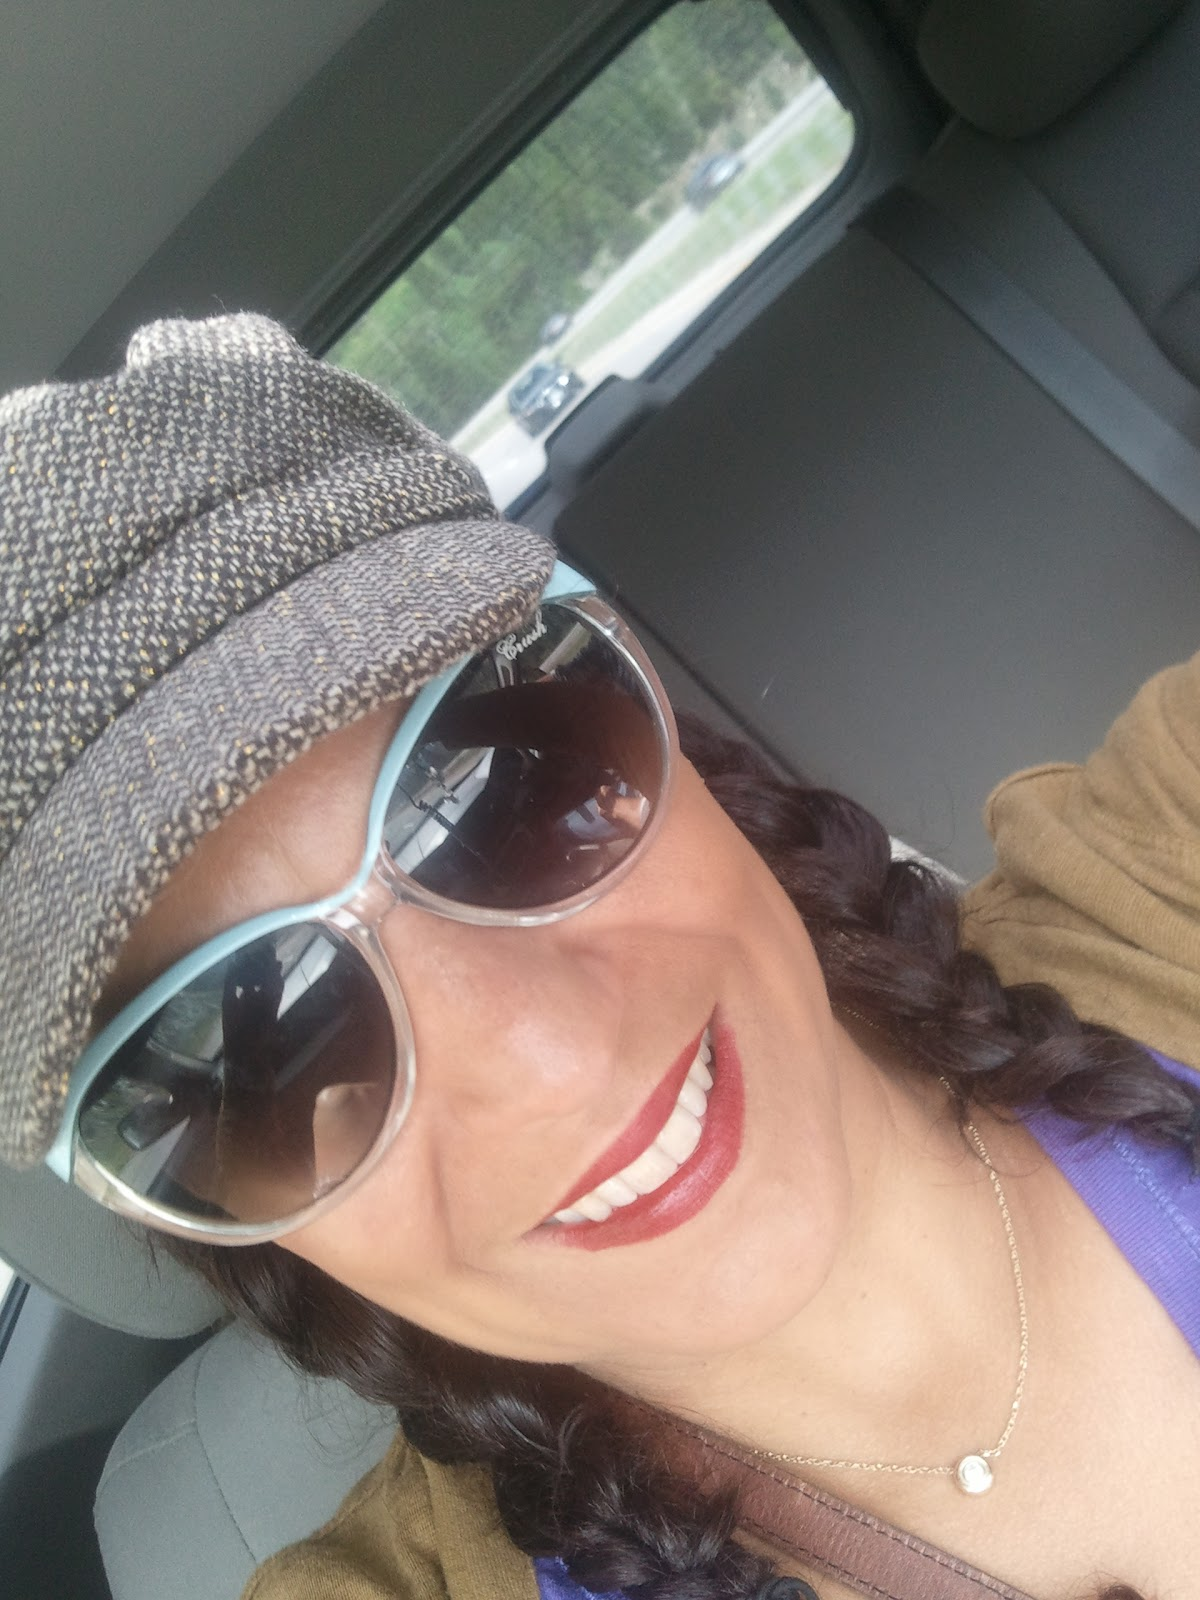 http://1.bp.blogspot.com/-svQF3zcRgnA/UEaAg2hD-kI/AAAAAAAAClw/UMuPBKIDvY0/s1600/2012-09-01+14.55.50.jpg